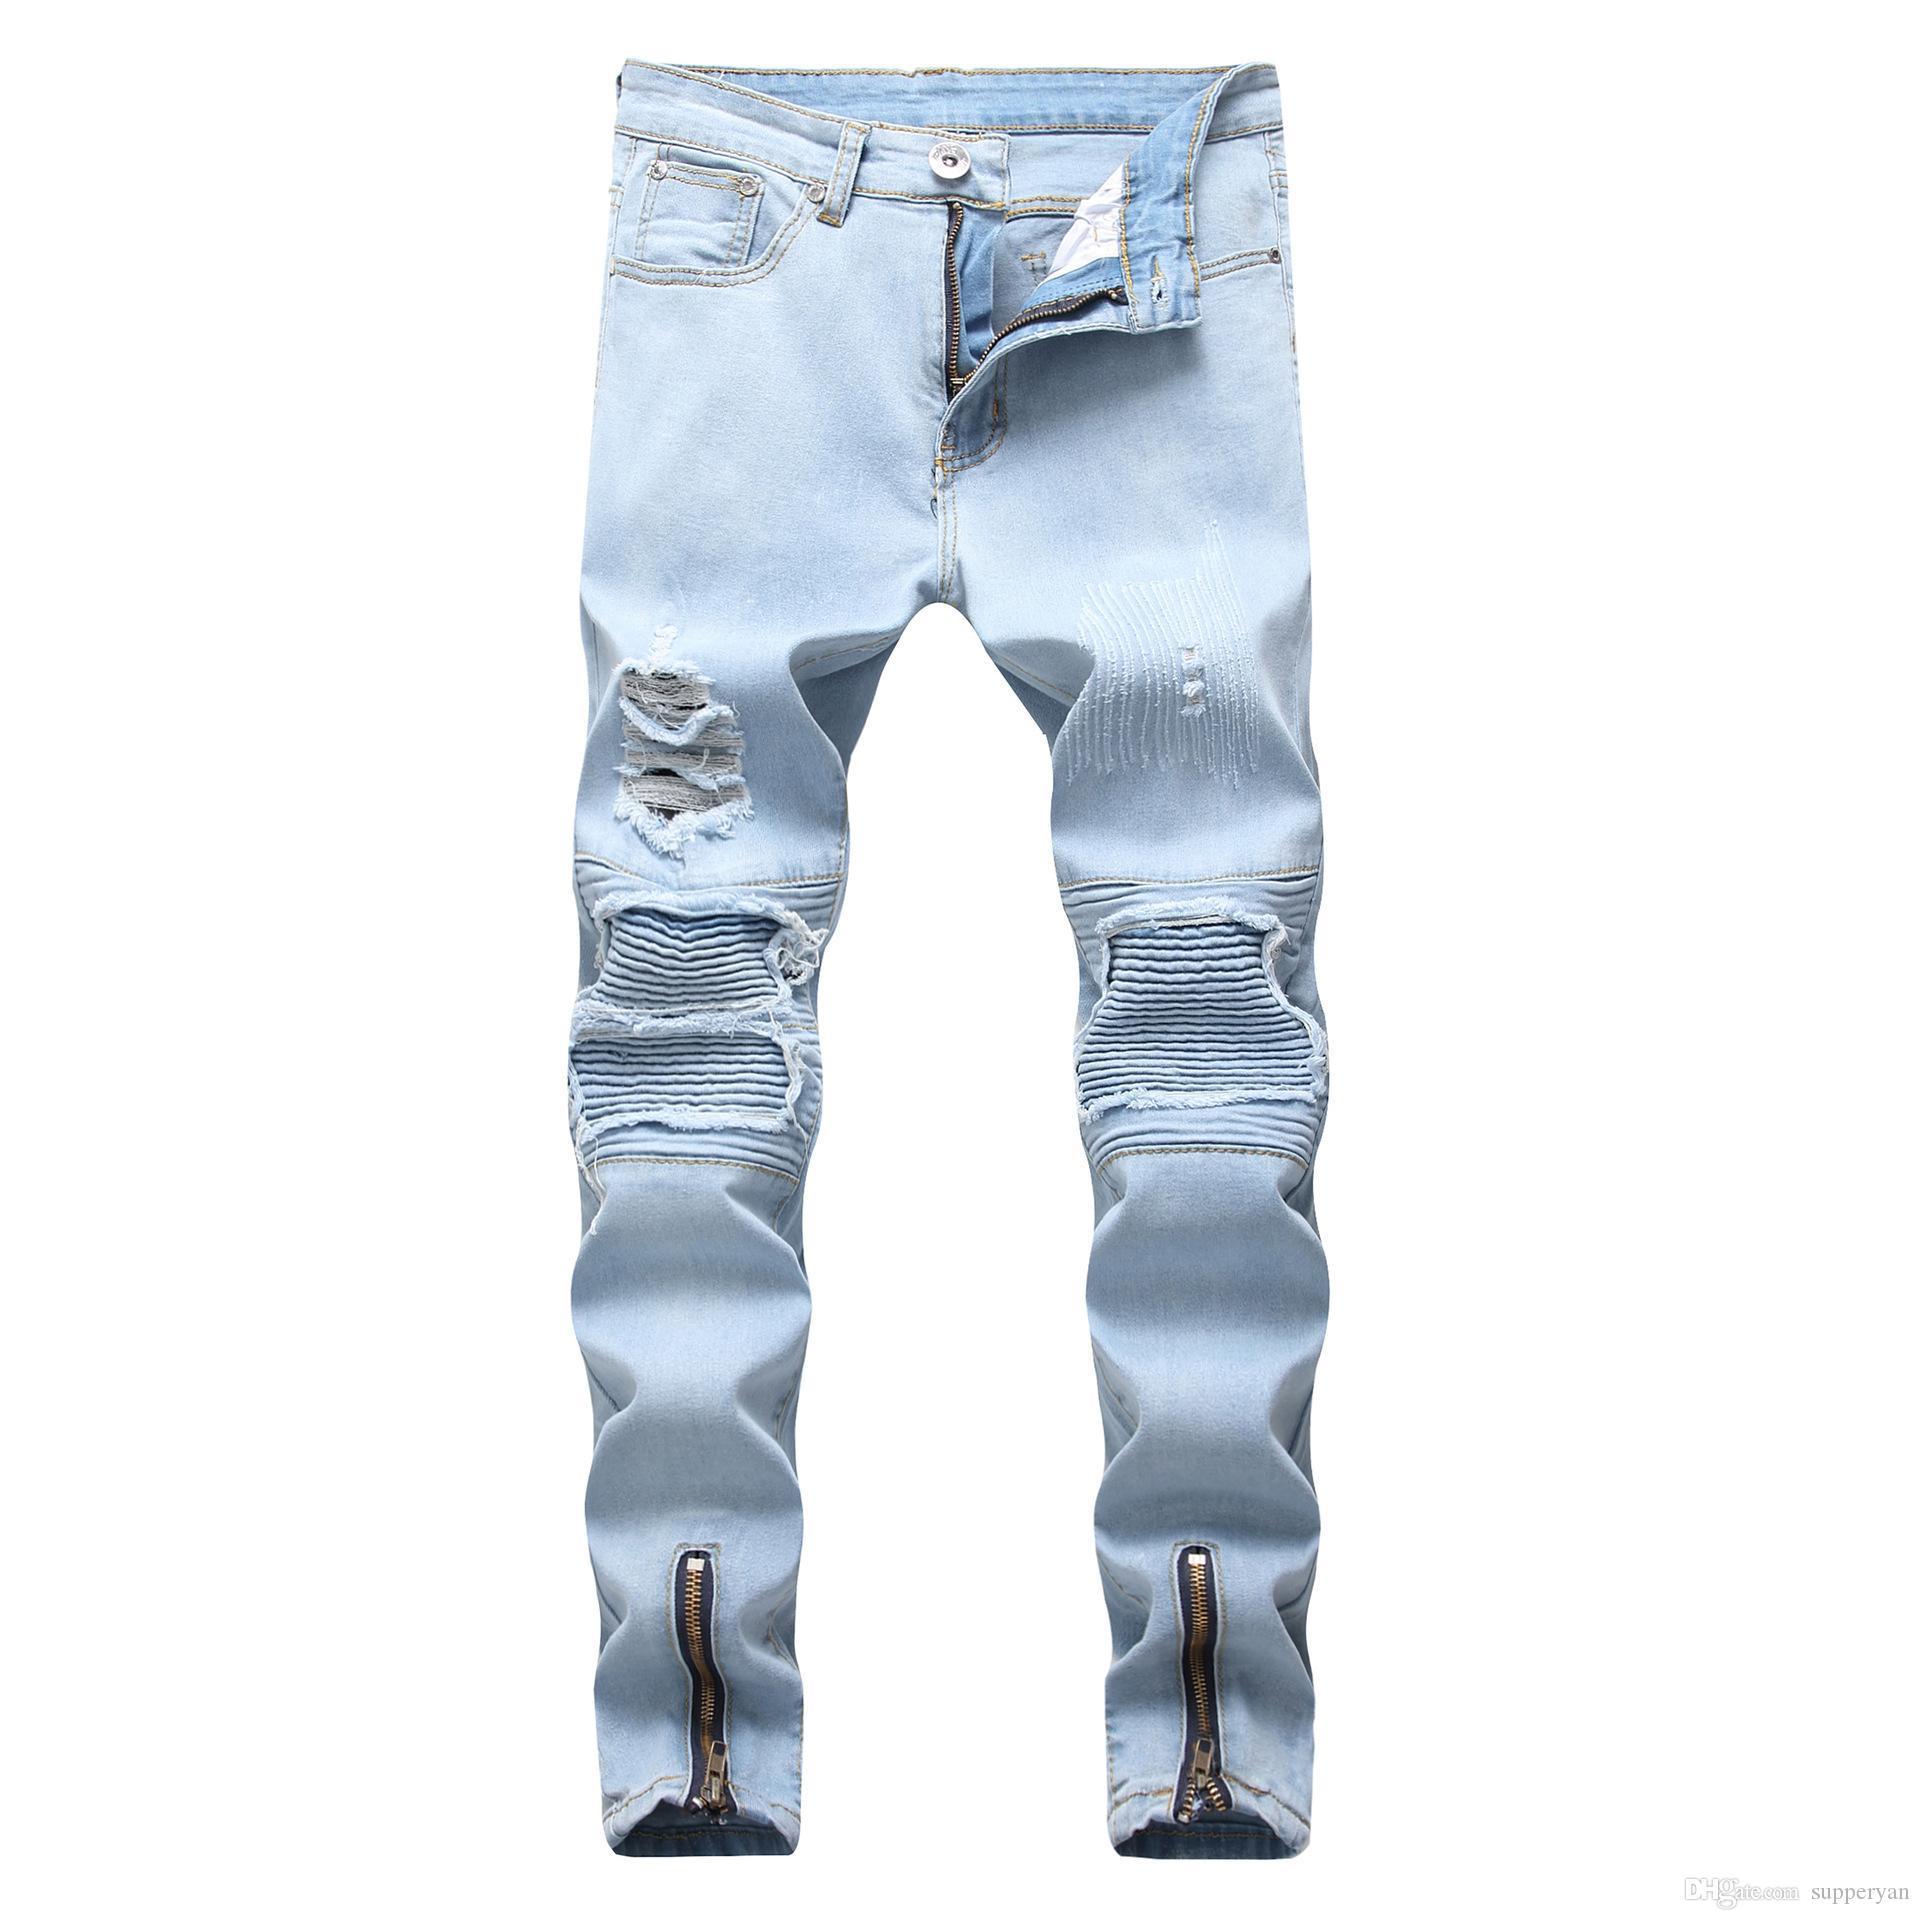 Moda Hip Hop Patch Uomini Retro Jeans Ginocchio Rap Hole Jeans con cerniera Jeans Uomo Sciolto Slim Distrutto Strappato Strappato Jeans Uomo J180714